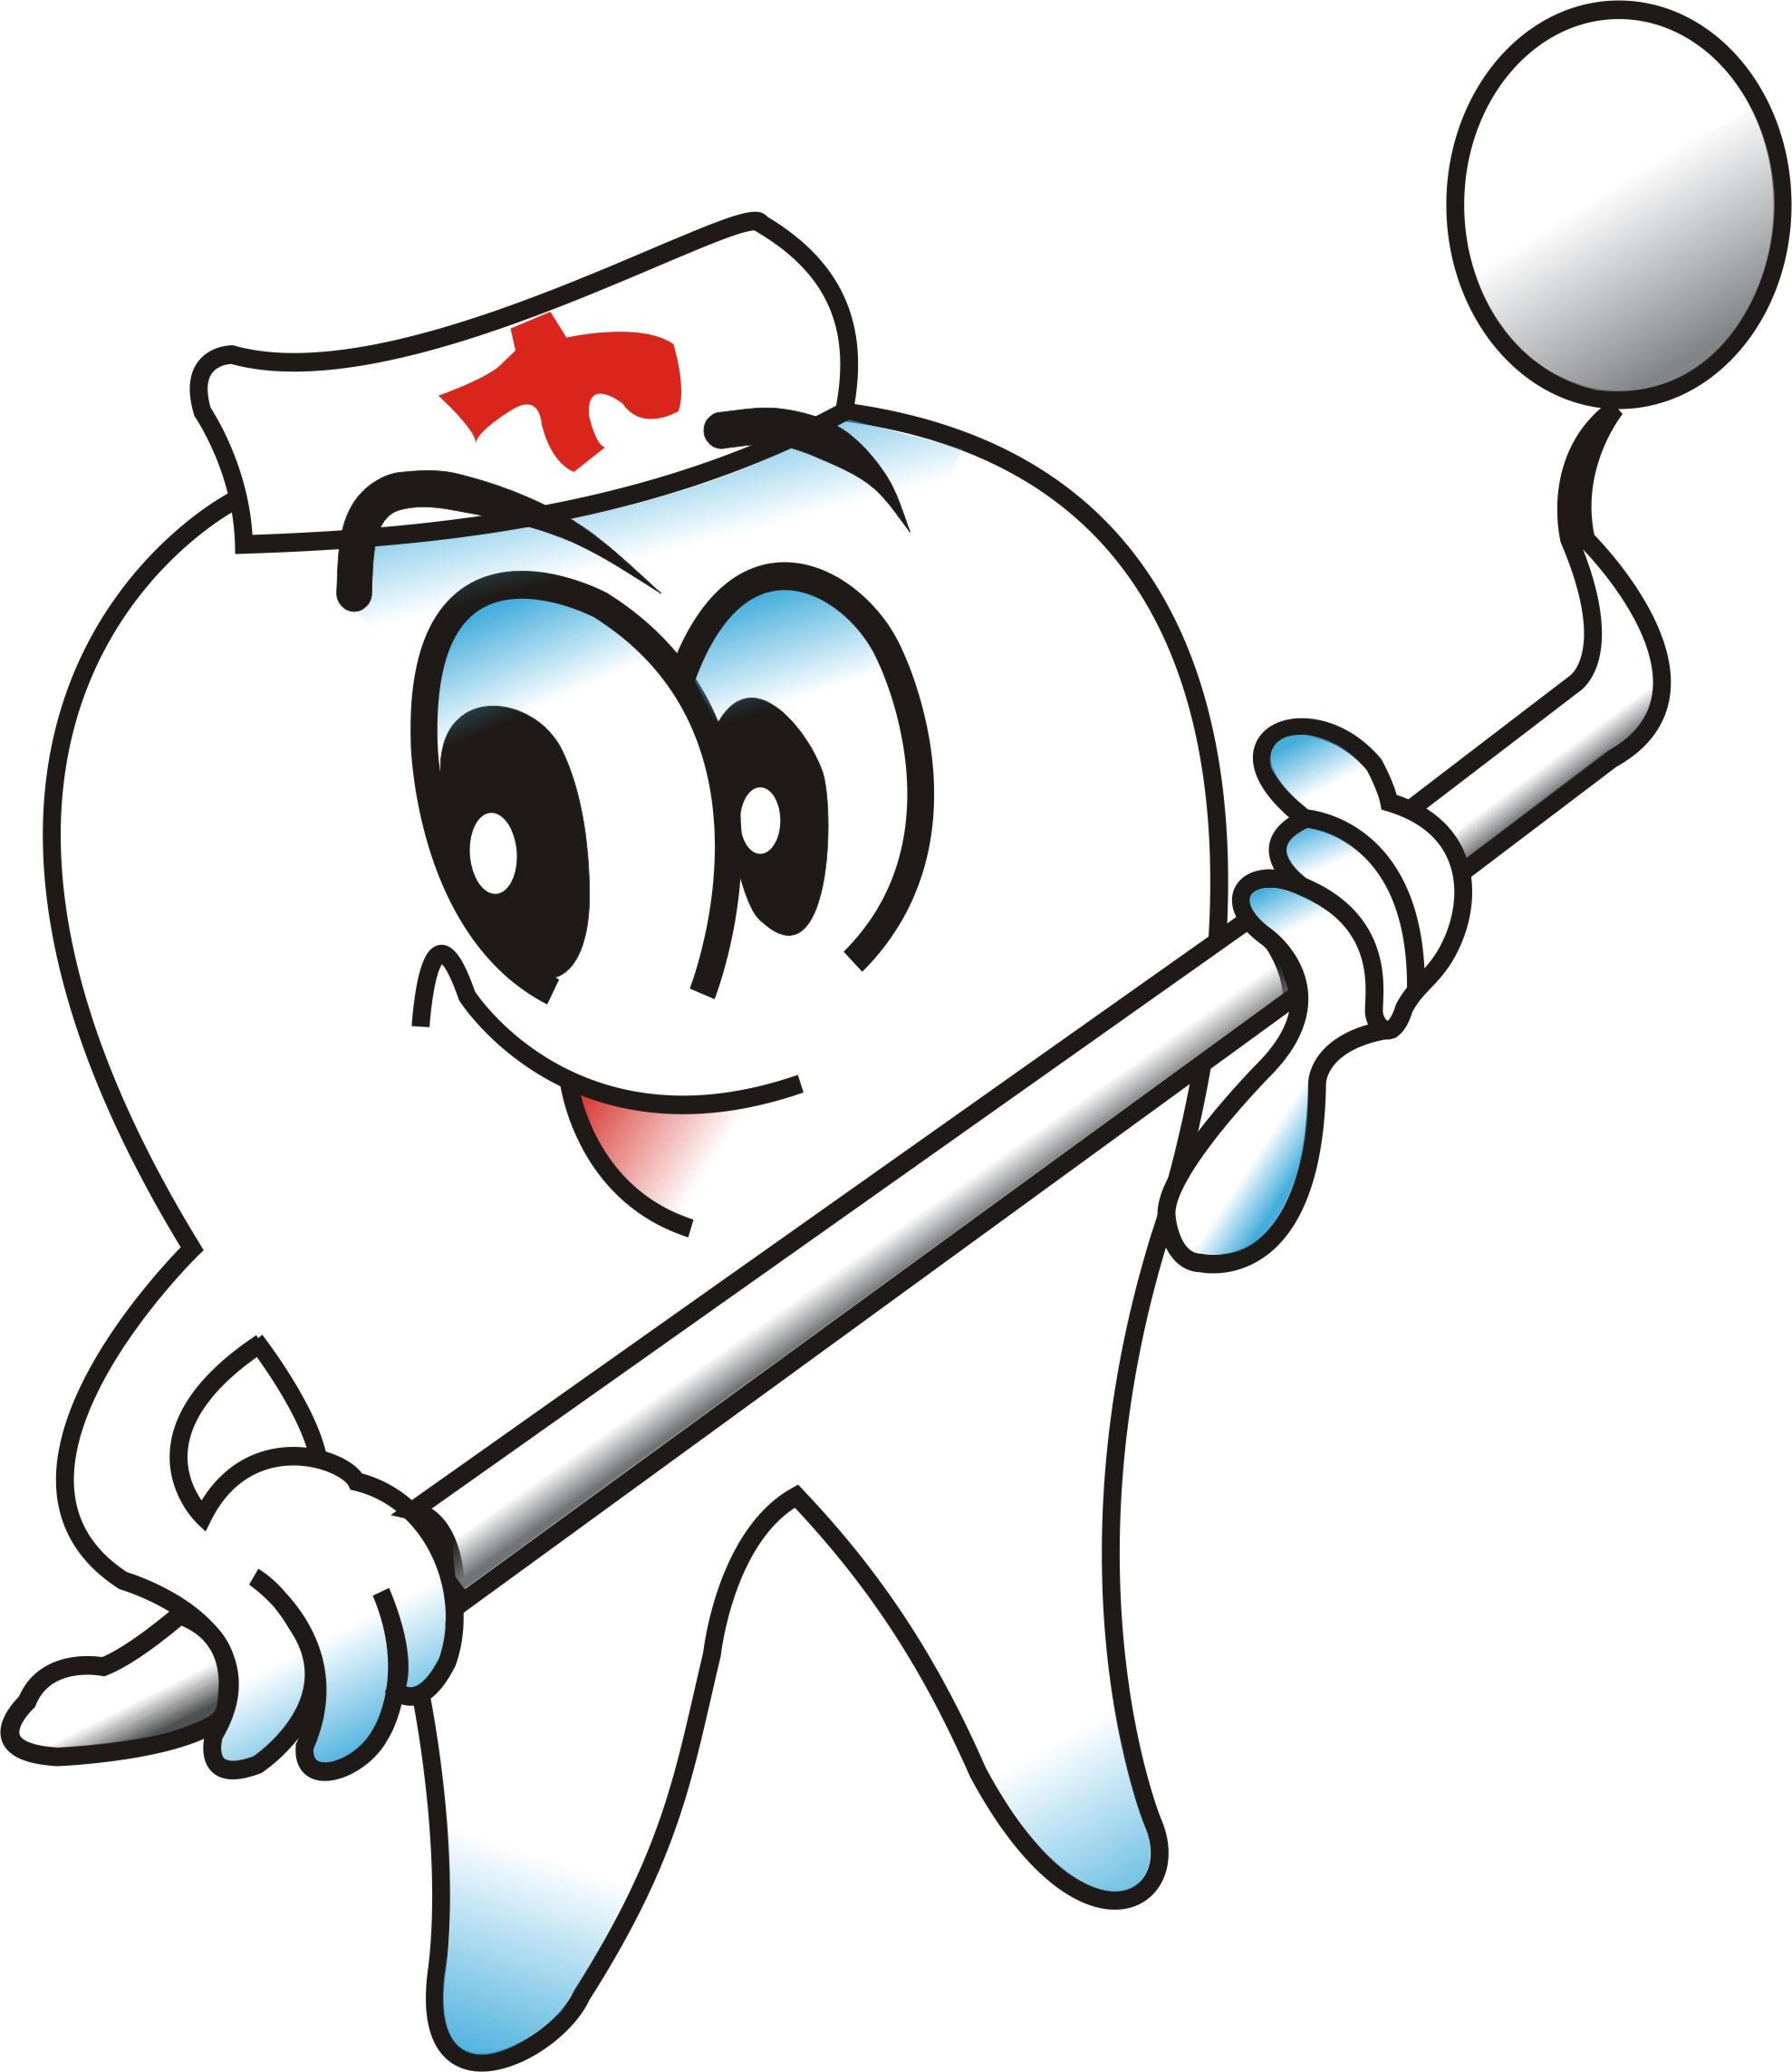 牙科诊所图片 卡通